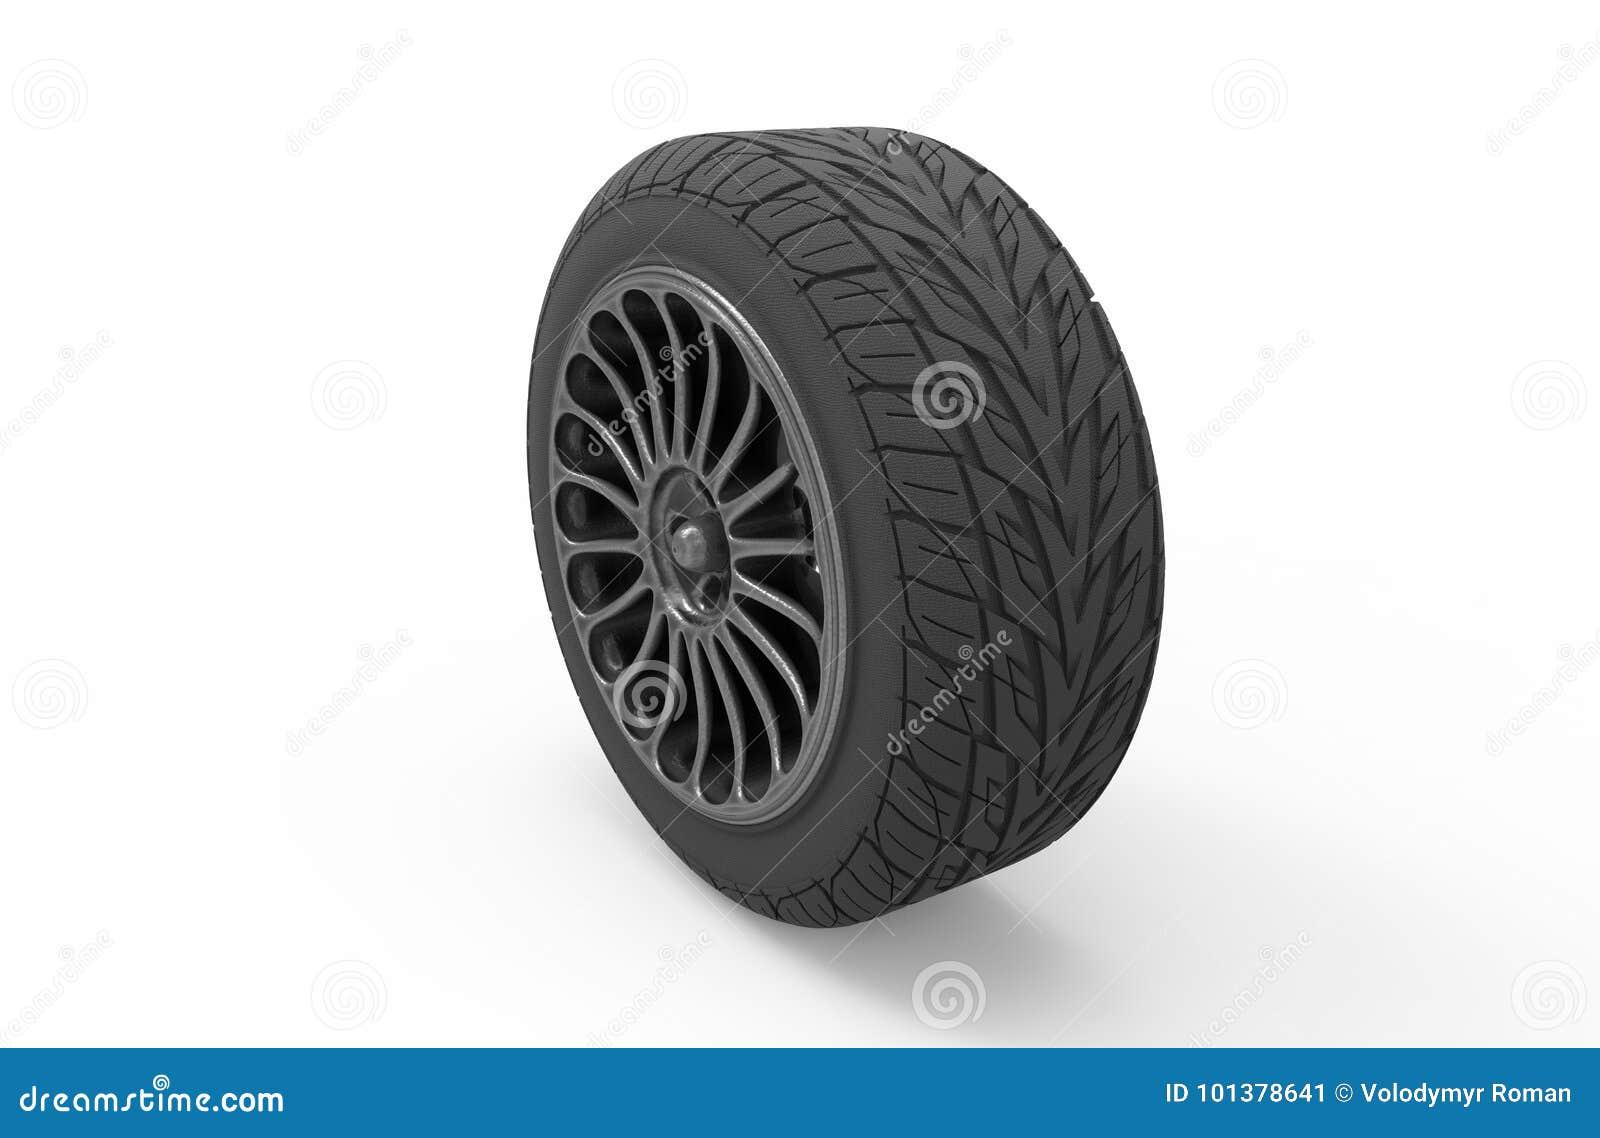 Ilustração 3d de uma roda de carro em um fundo branco